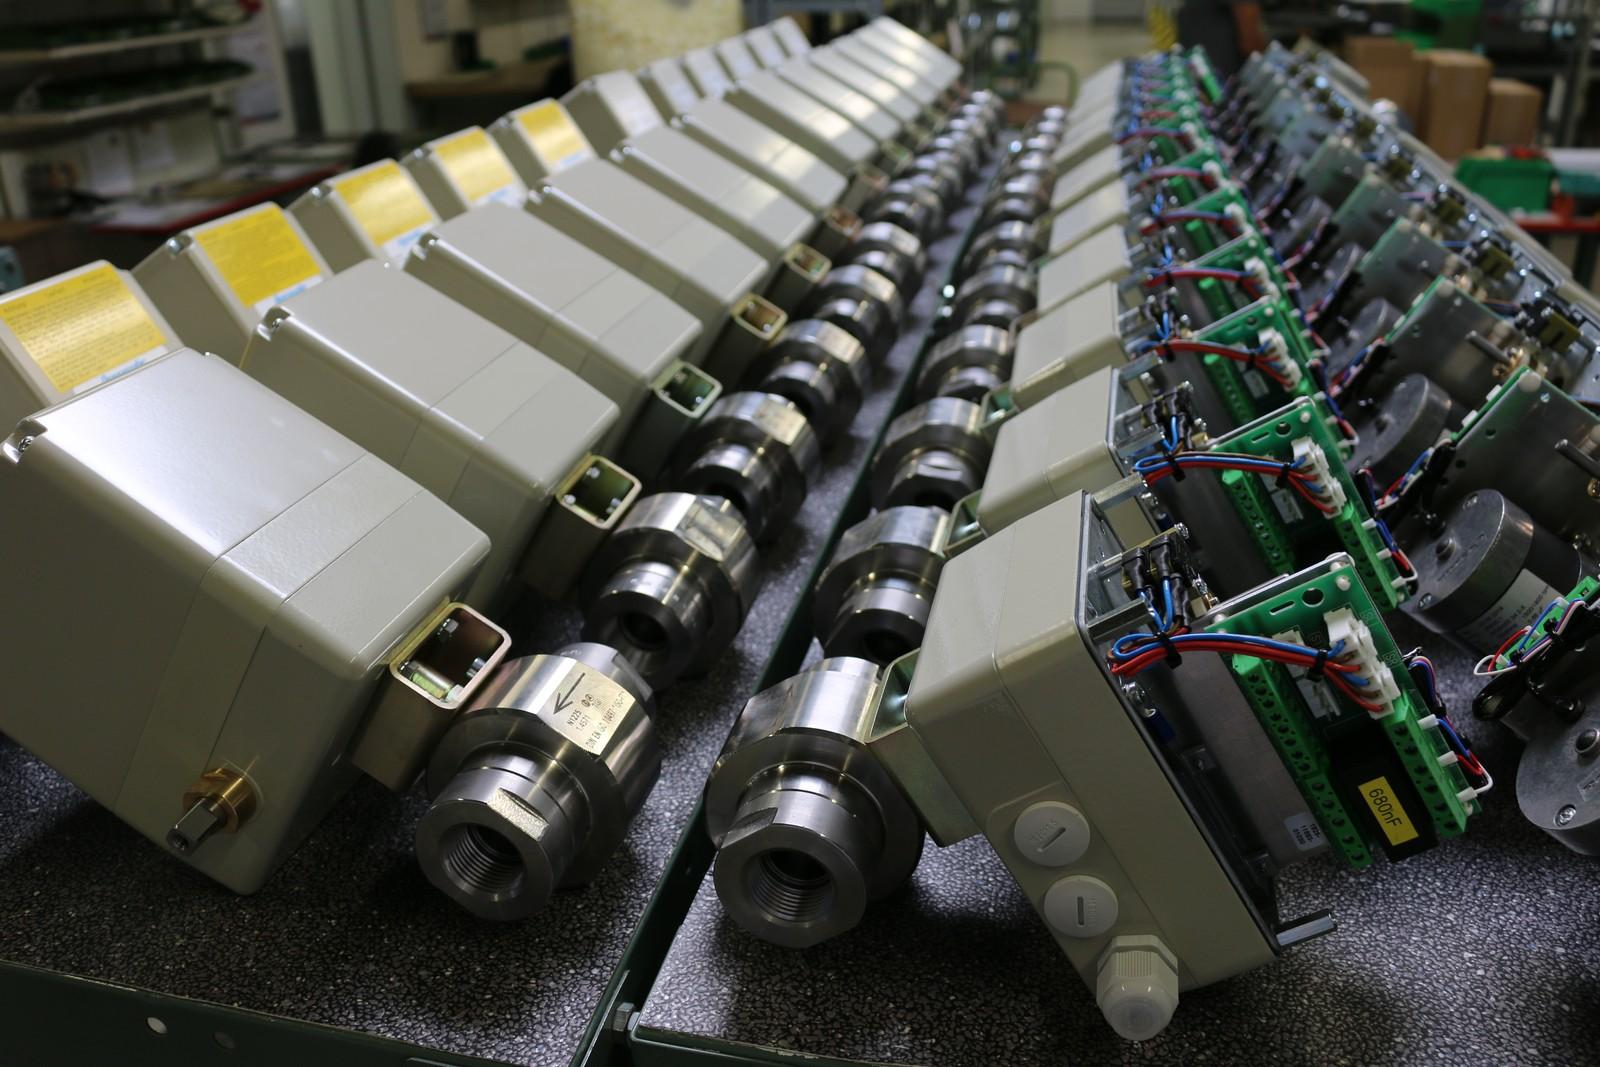 200 extra für eine besonders anspruchsvolle Aufgabe gefertigte Stellantriebe mit Kugelhähnen lieferte Agromatic jetzt nach Asien aus. Es ist der bisher größte Einzelauftrag in der fast 50-jährigen Firmengeschichte.